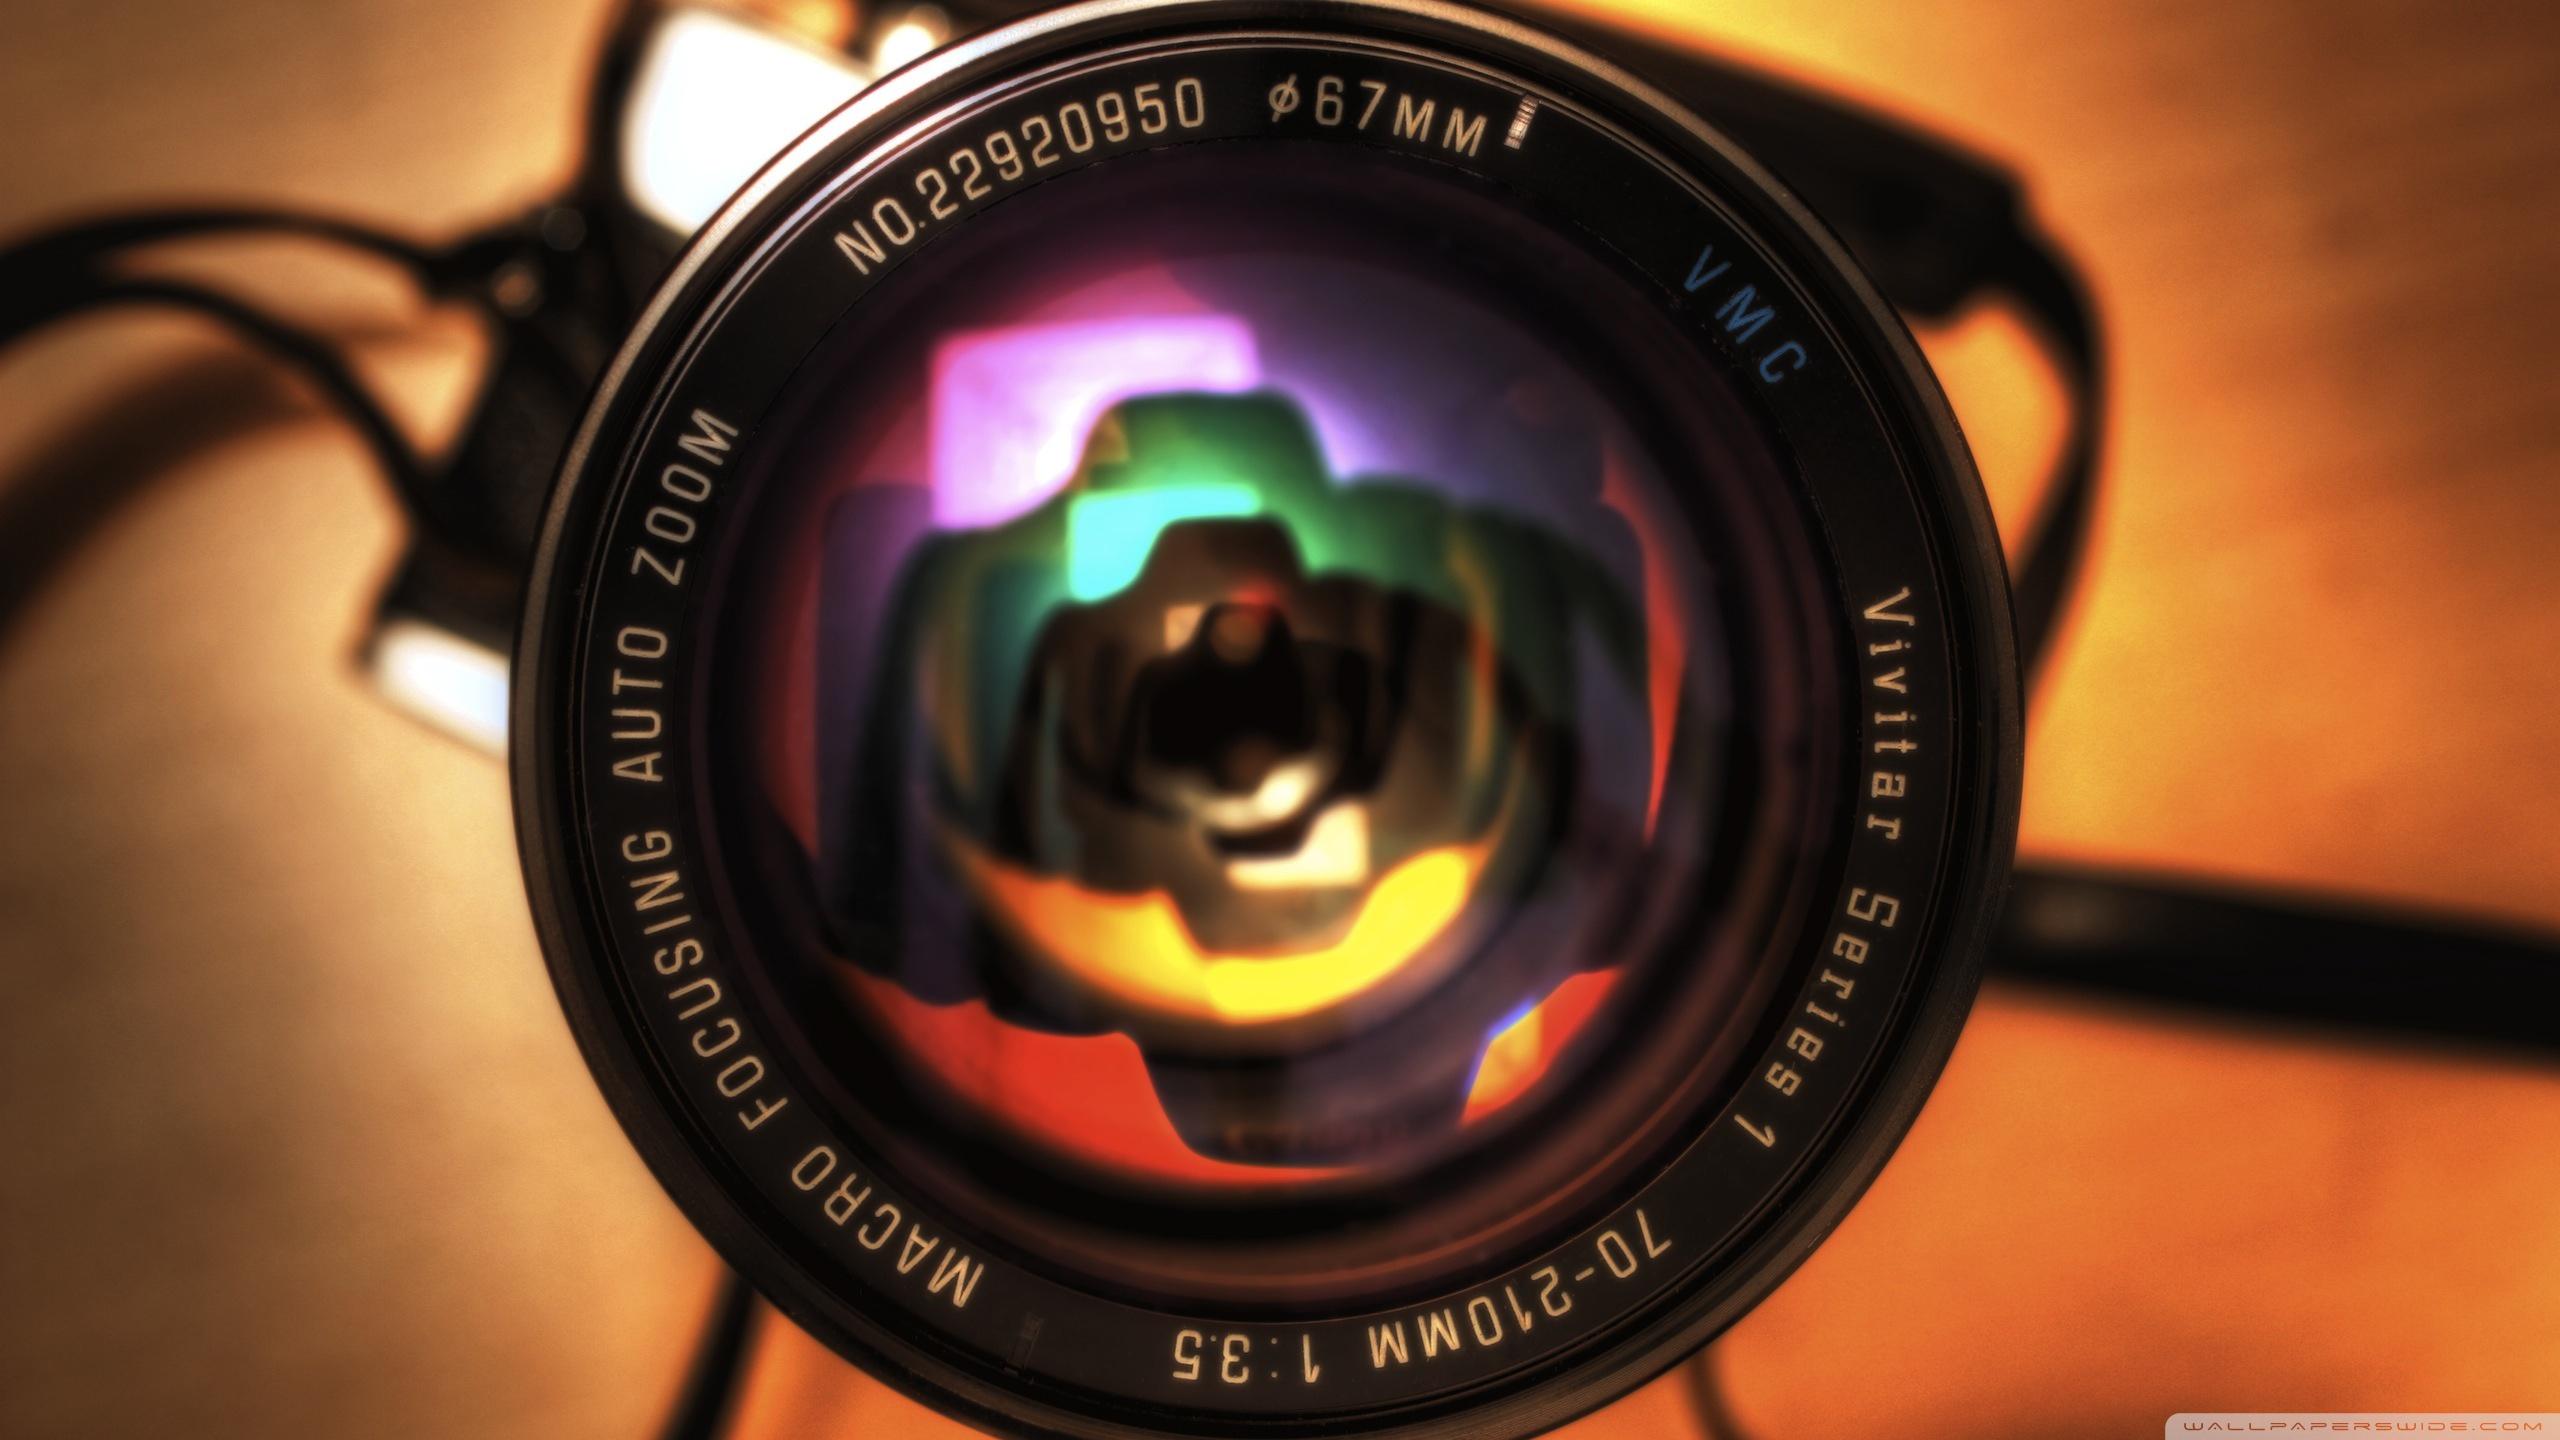 Hd wallpaper camera - Hd Wallpaper Camera 4